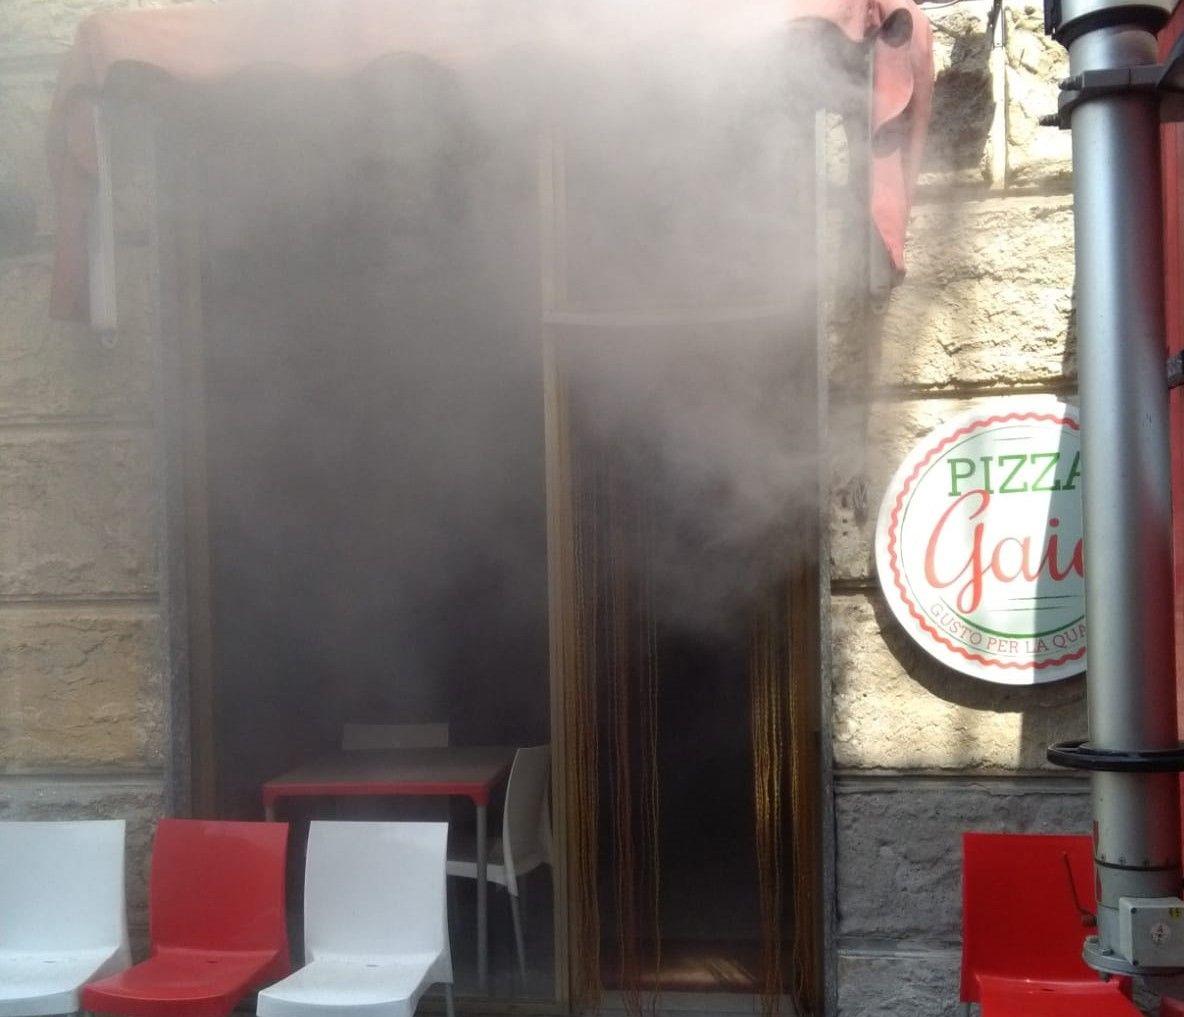 CASTELLAMONTE - Incendio in pizzeria, intervento dei pompieri